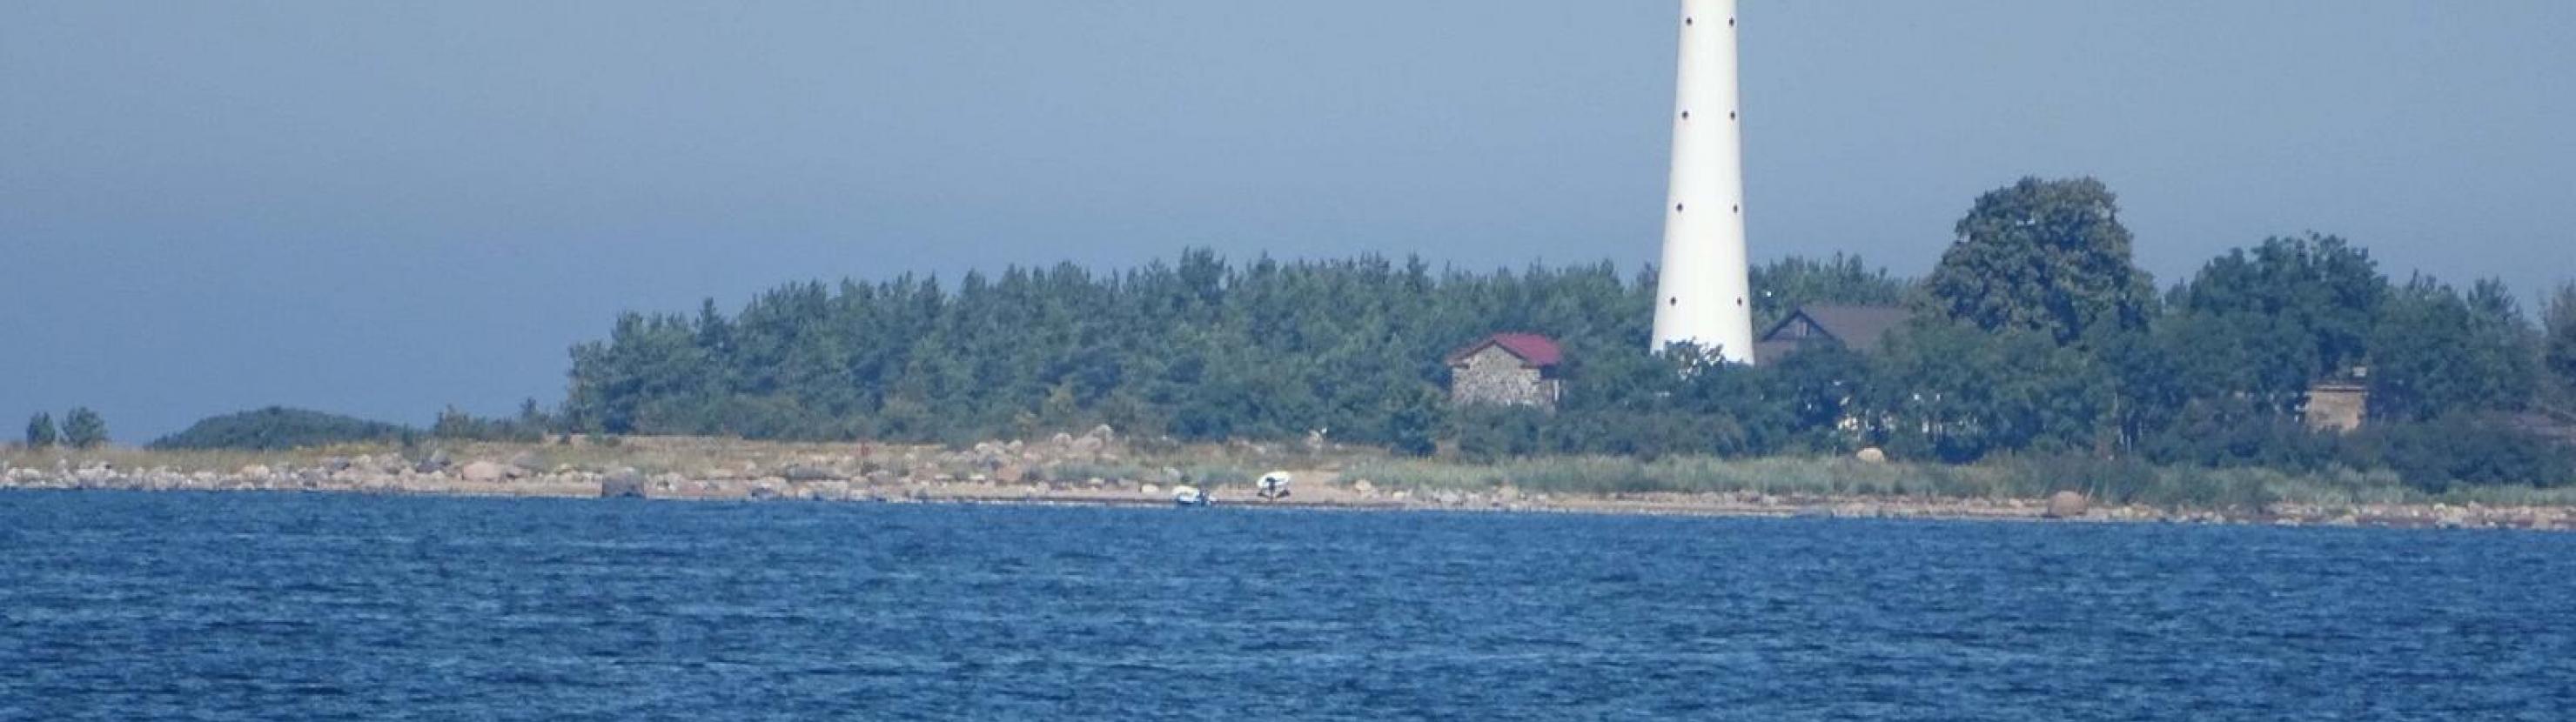 Eesti - ainulaadne Kihnu saar